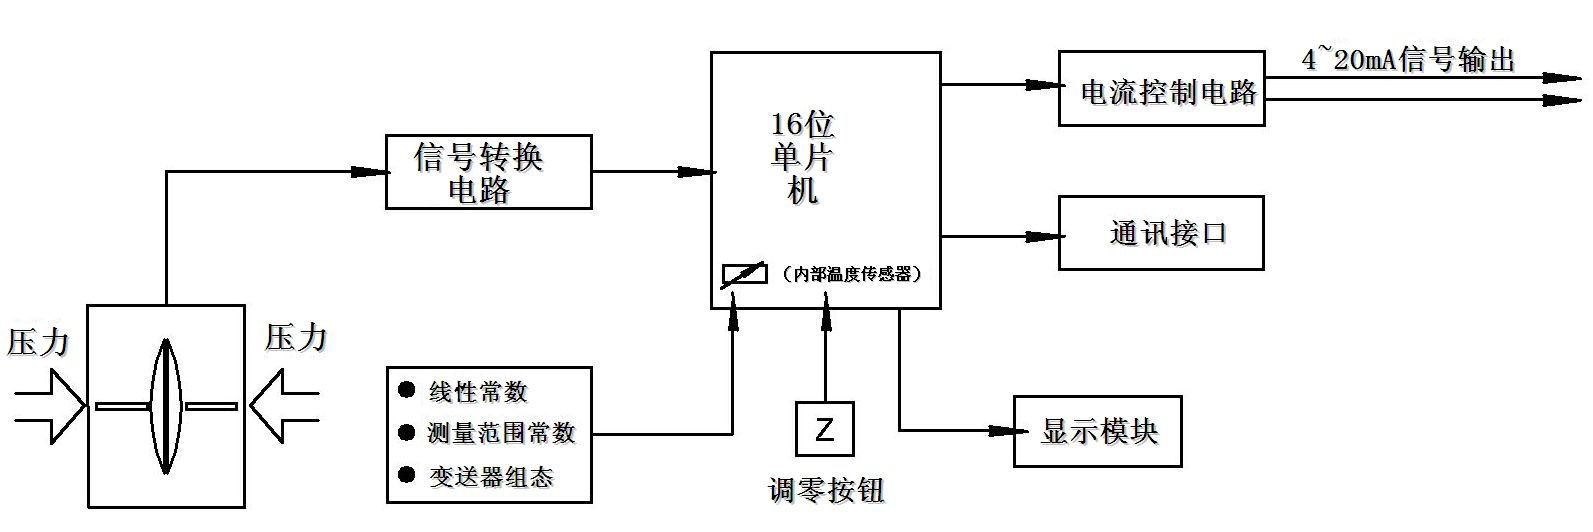 接专用rs485模块可以实现数字信号远传,或构建rs4